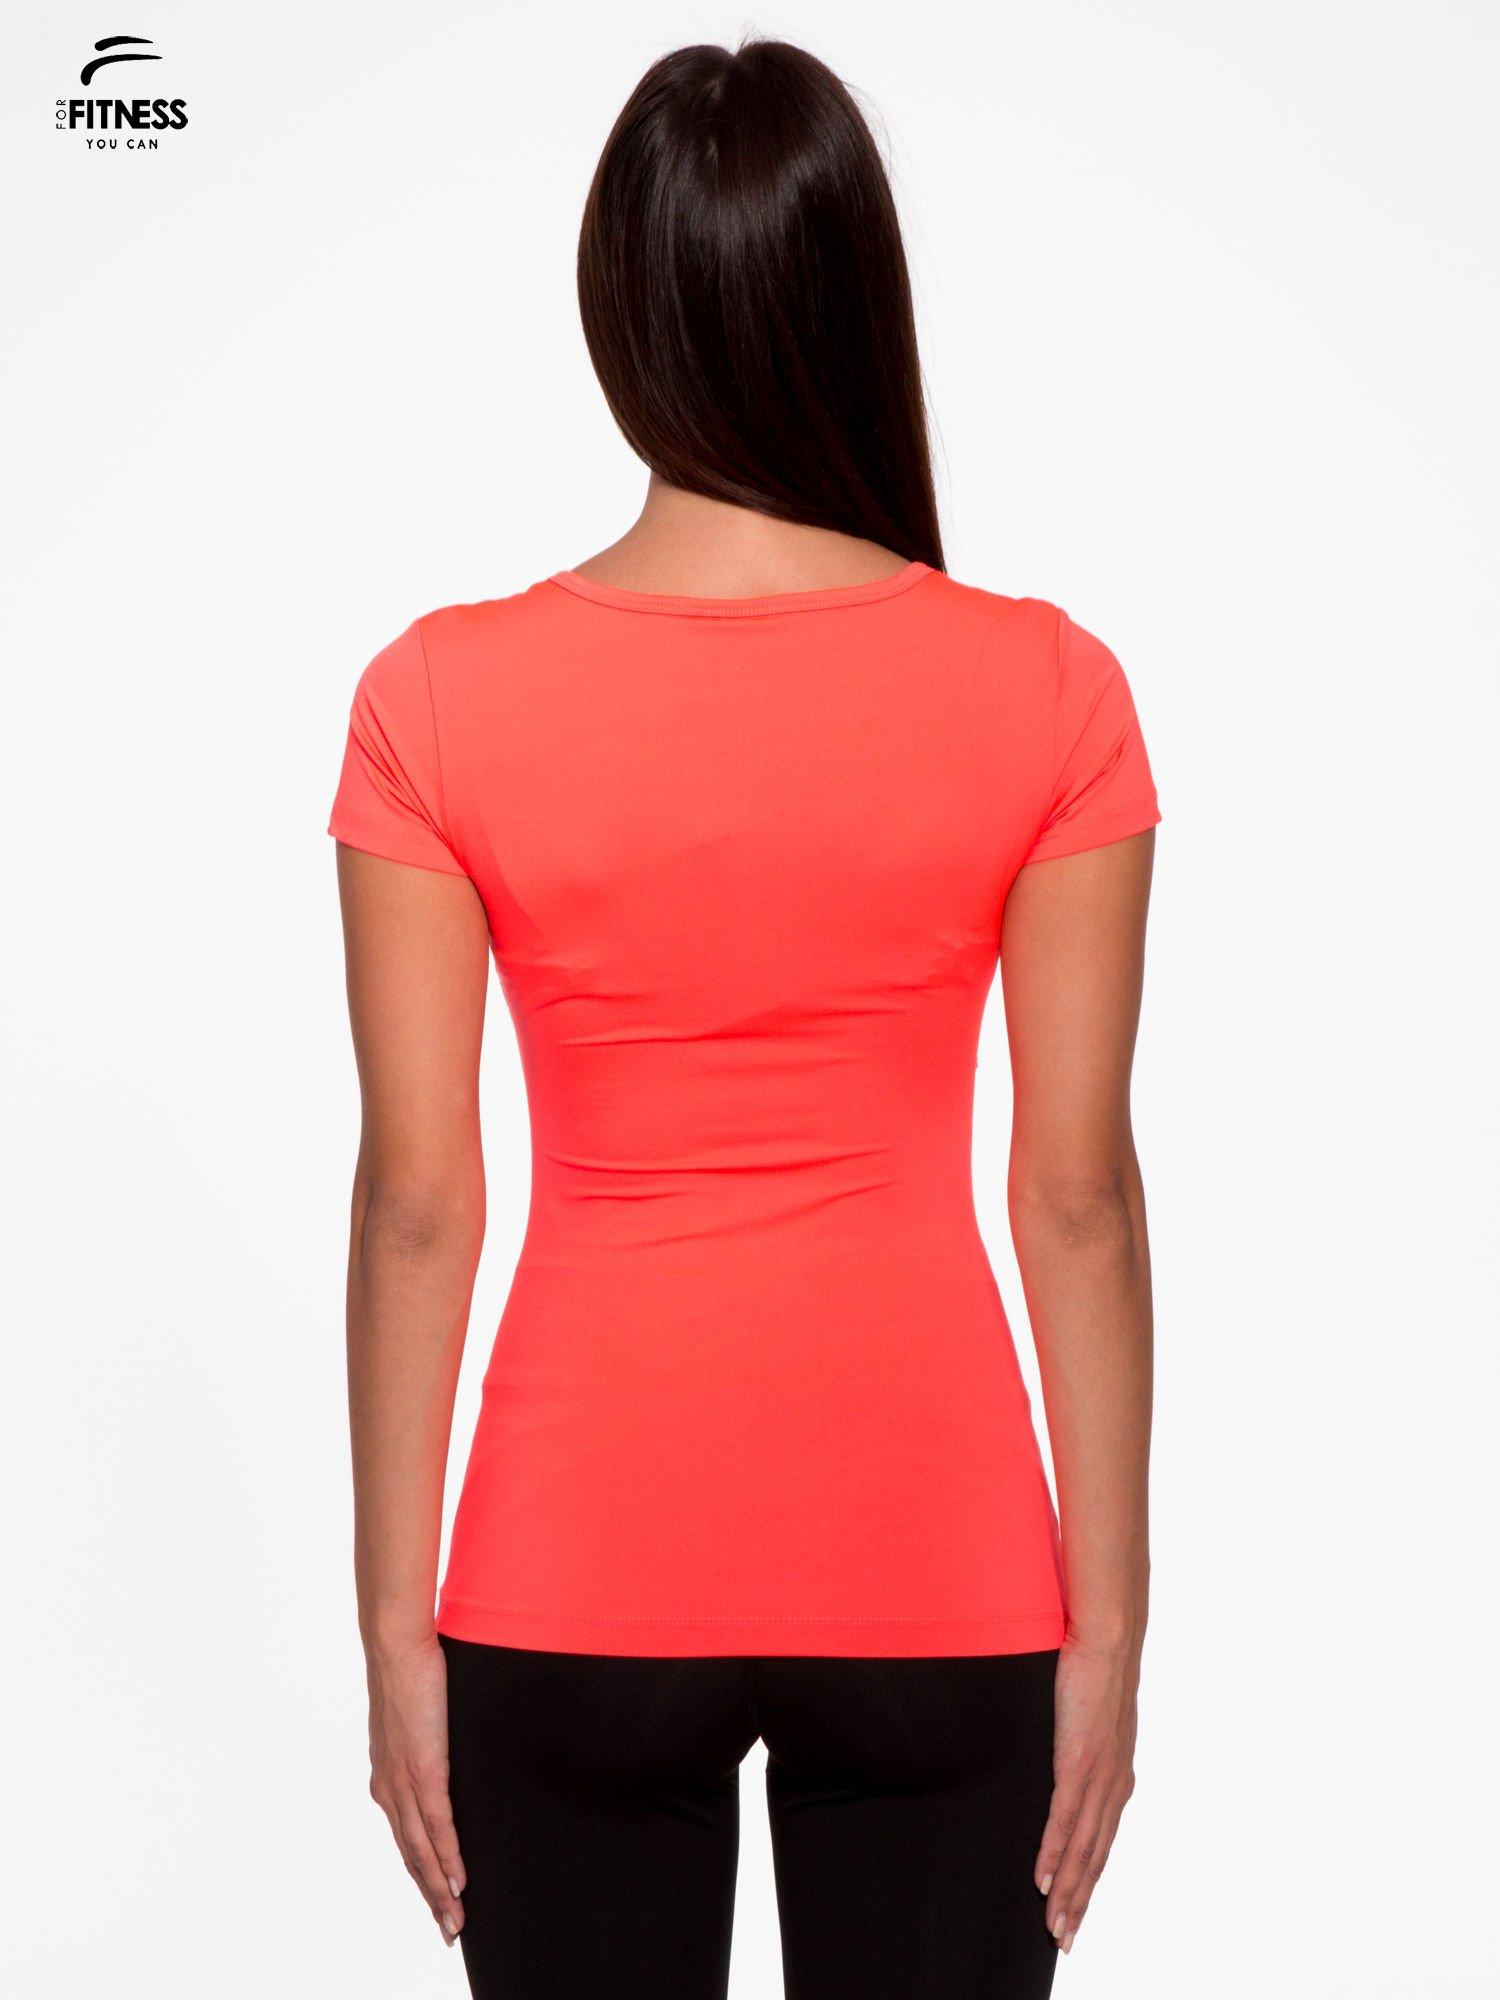 4f6831e5d9fdc4 3; Fluoróżowy termoaktywny t-shirt sportowy z siateczką przy dekolcie ♢ Performance  RUN ...